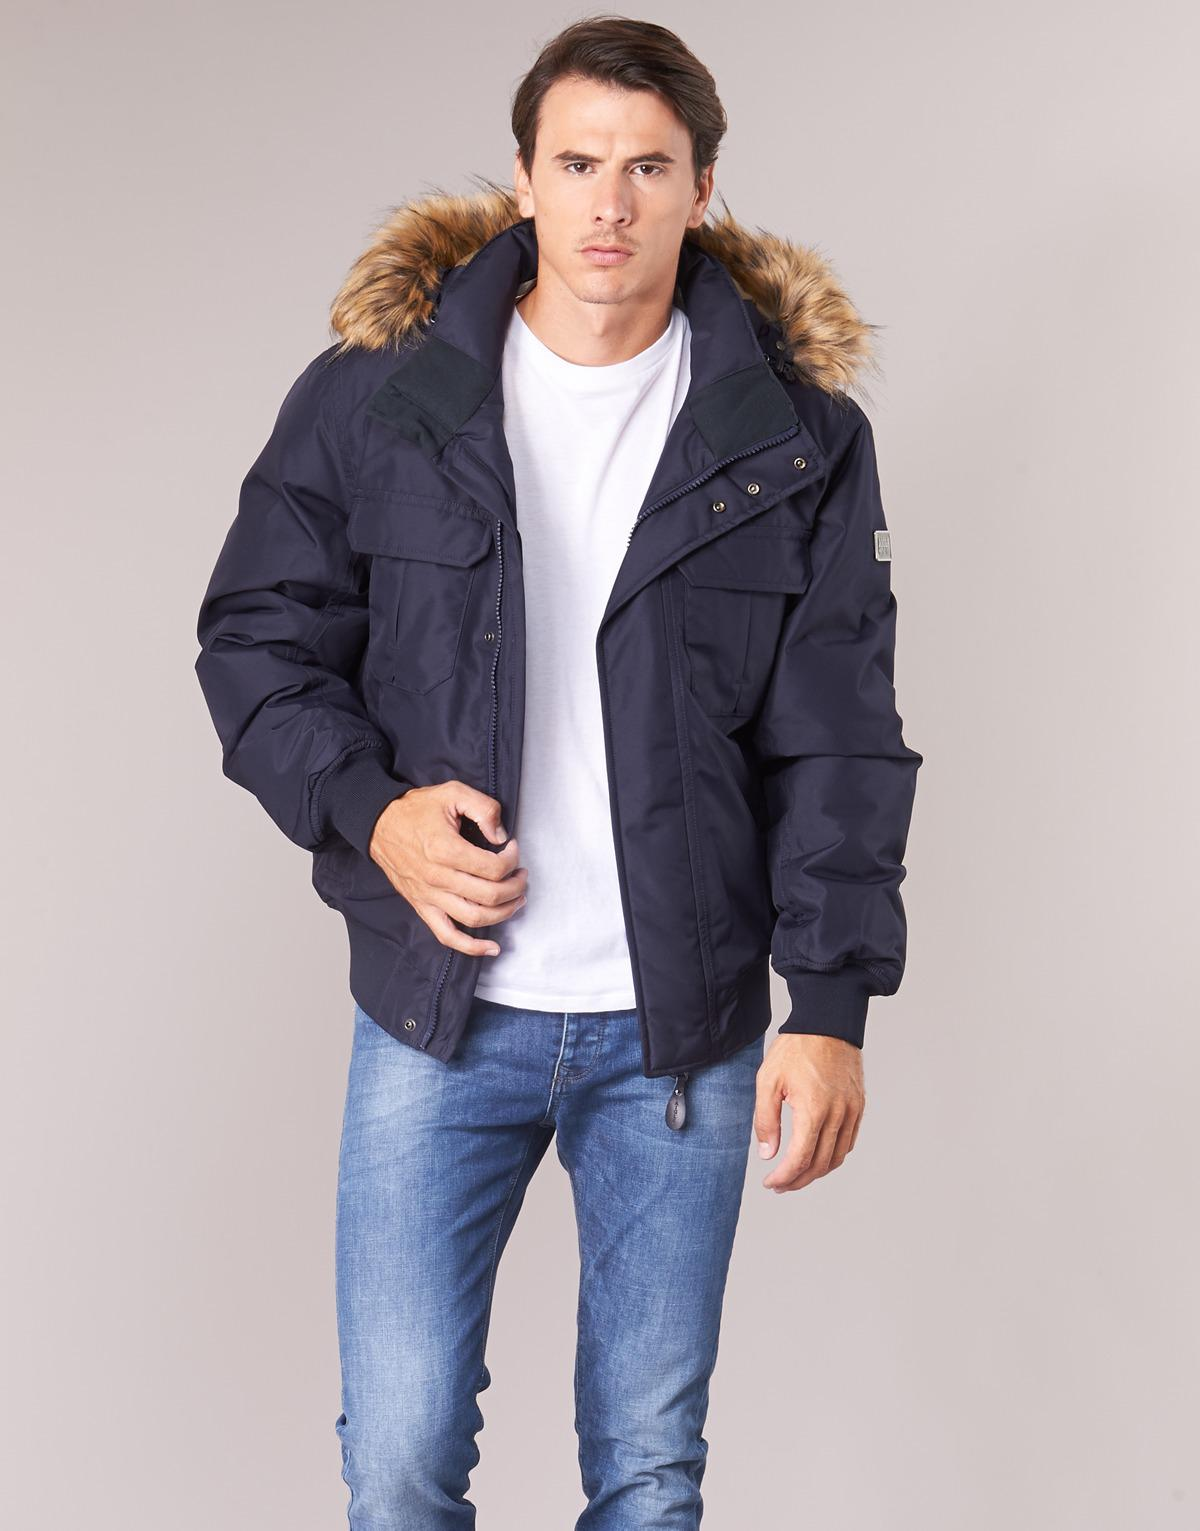 bda2808fd4f4 Rockyfield Mtd Men s Jacket In Blue